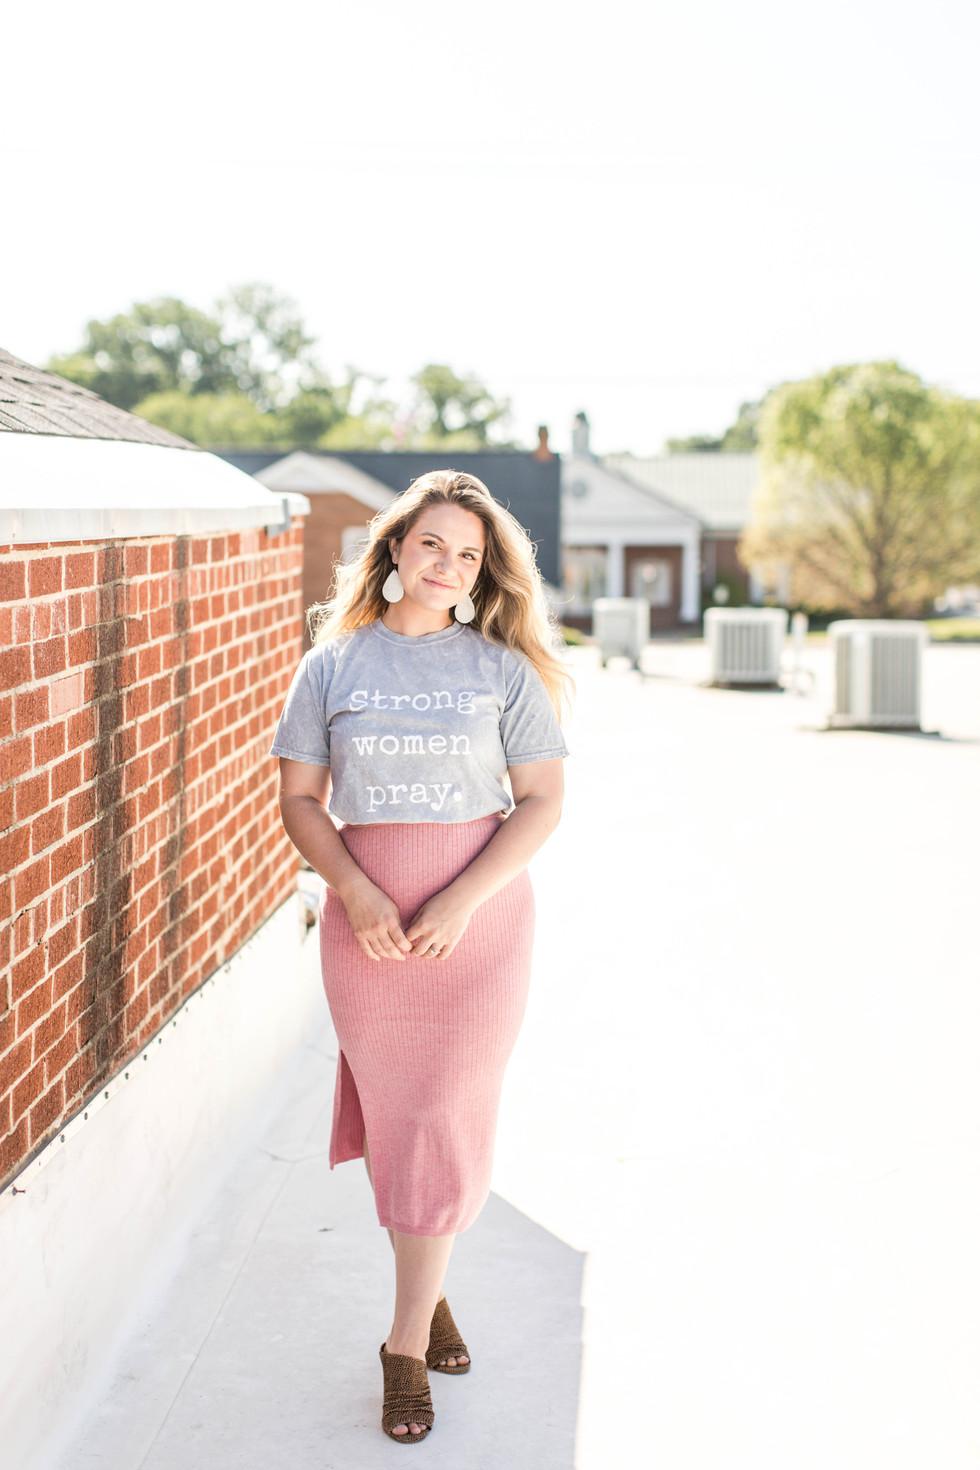 Clothing Line Rooftop Session - Brooke Greiner - York, South Carolina